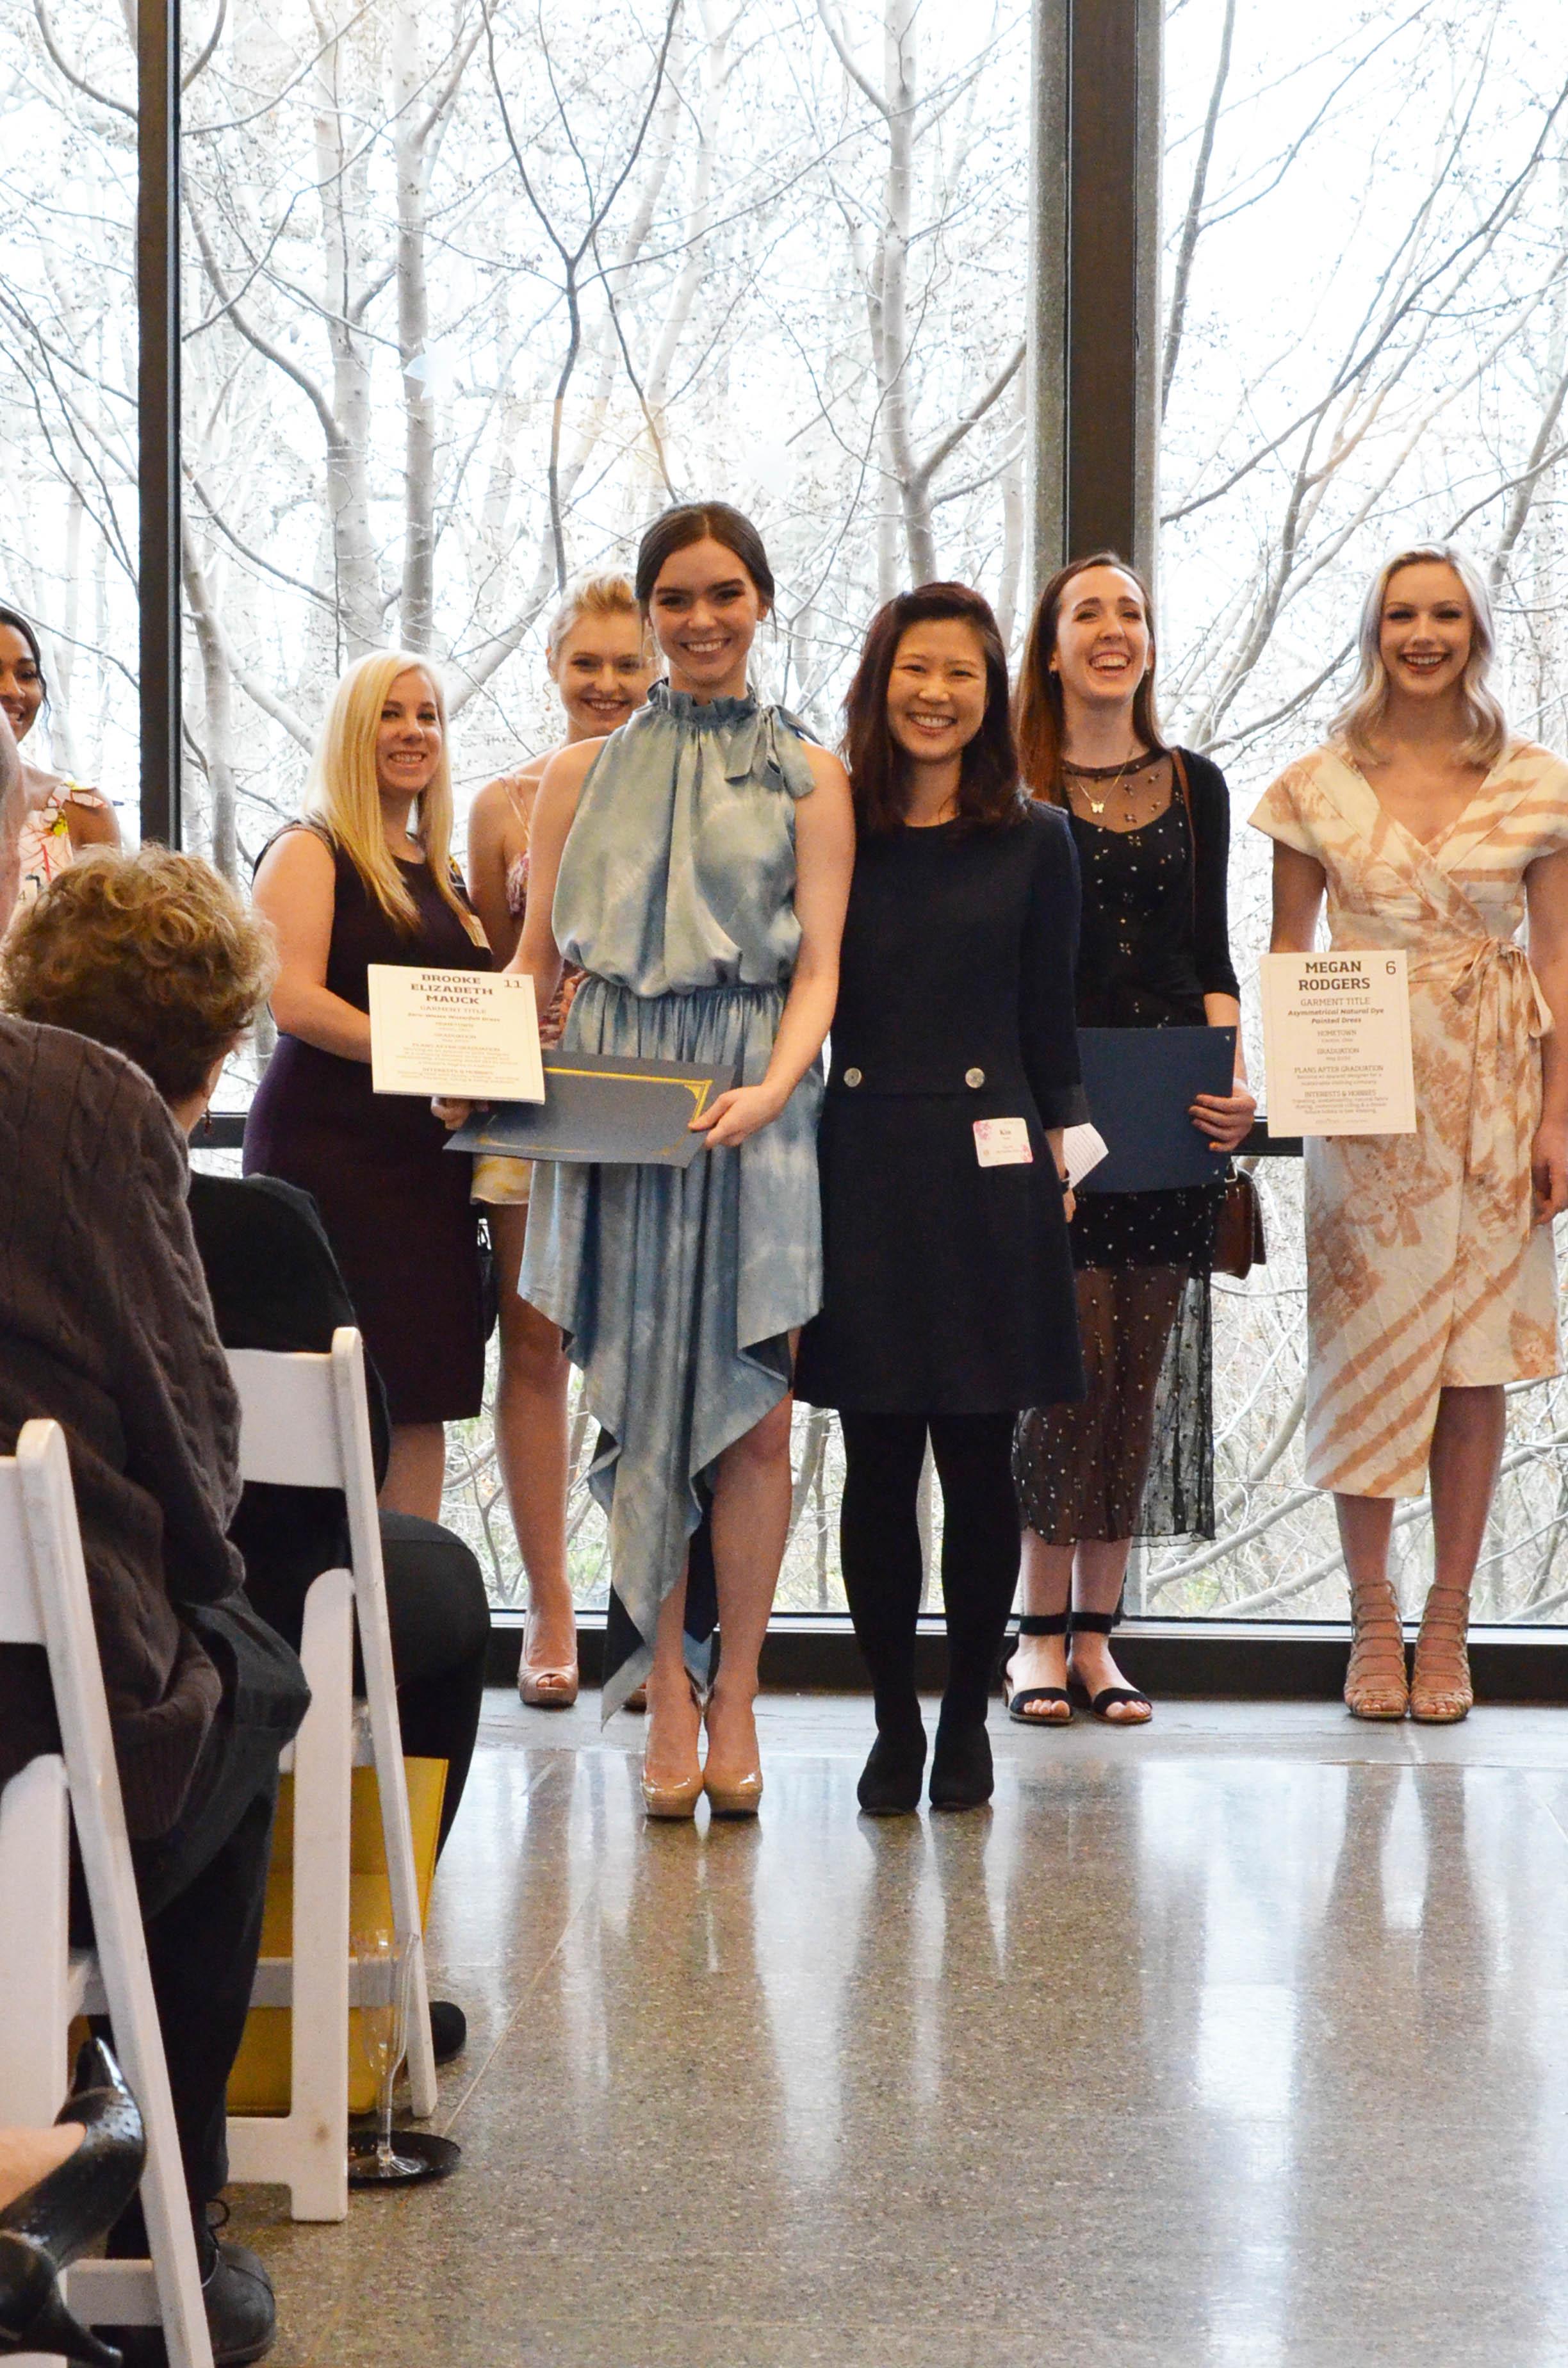 Brooke Mauck - Best Fabric Design Winner